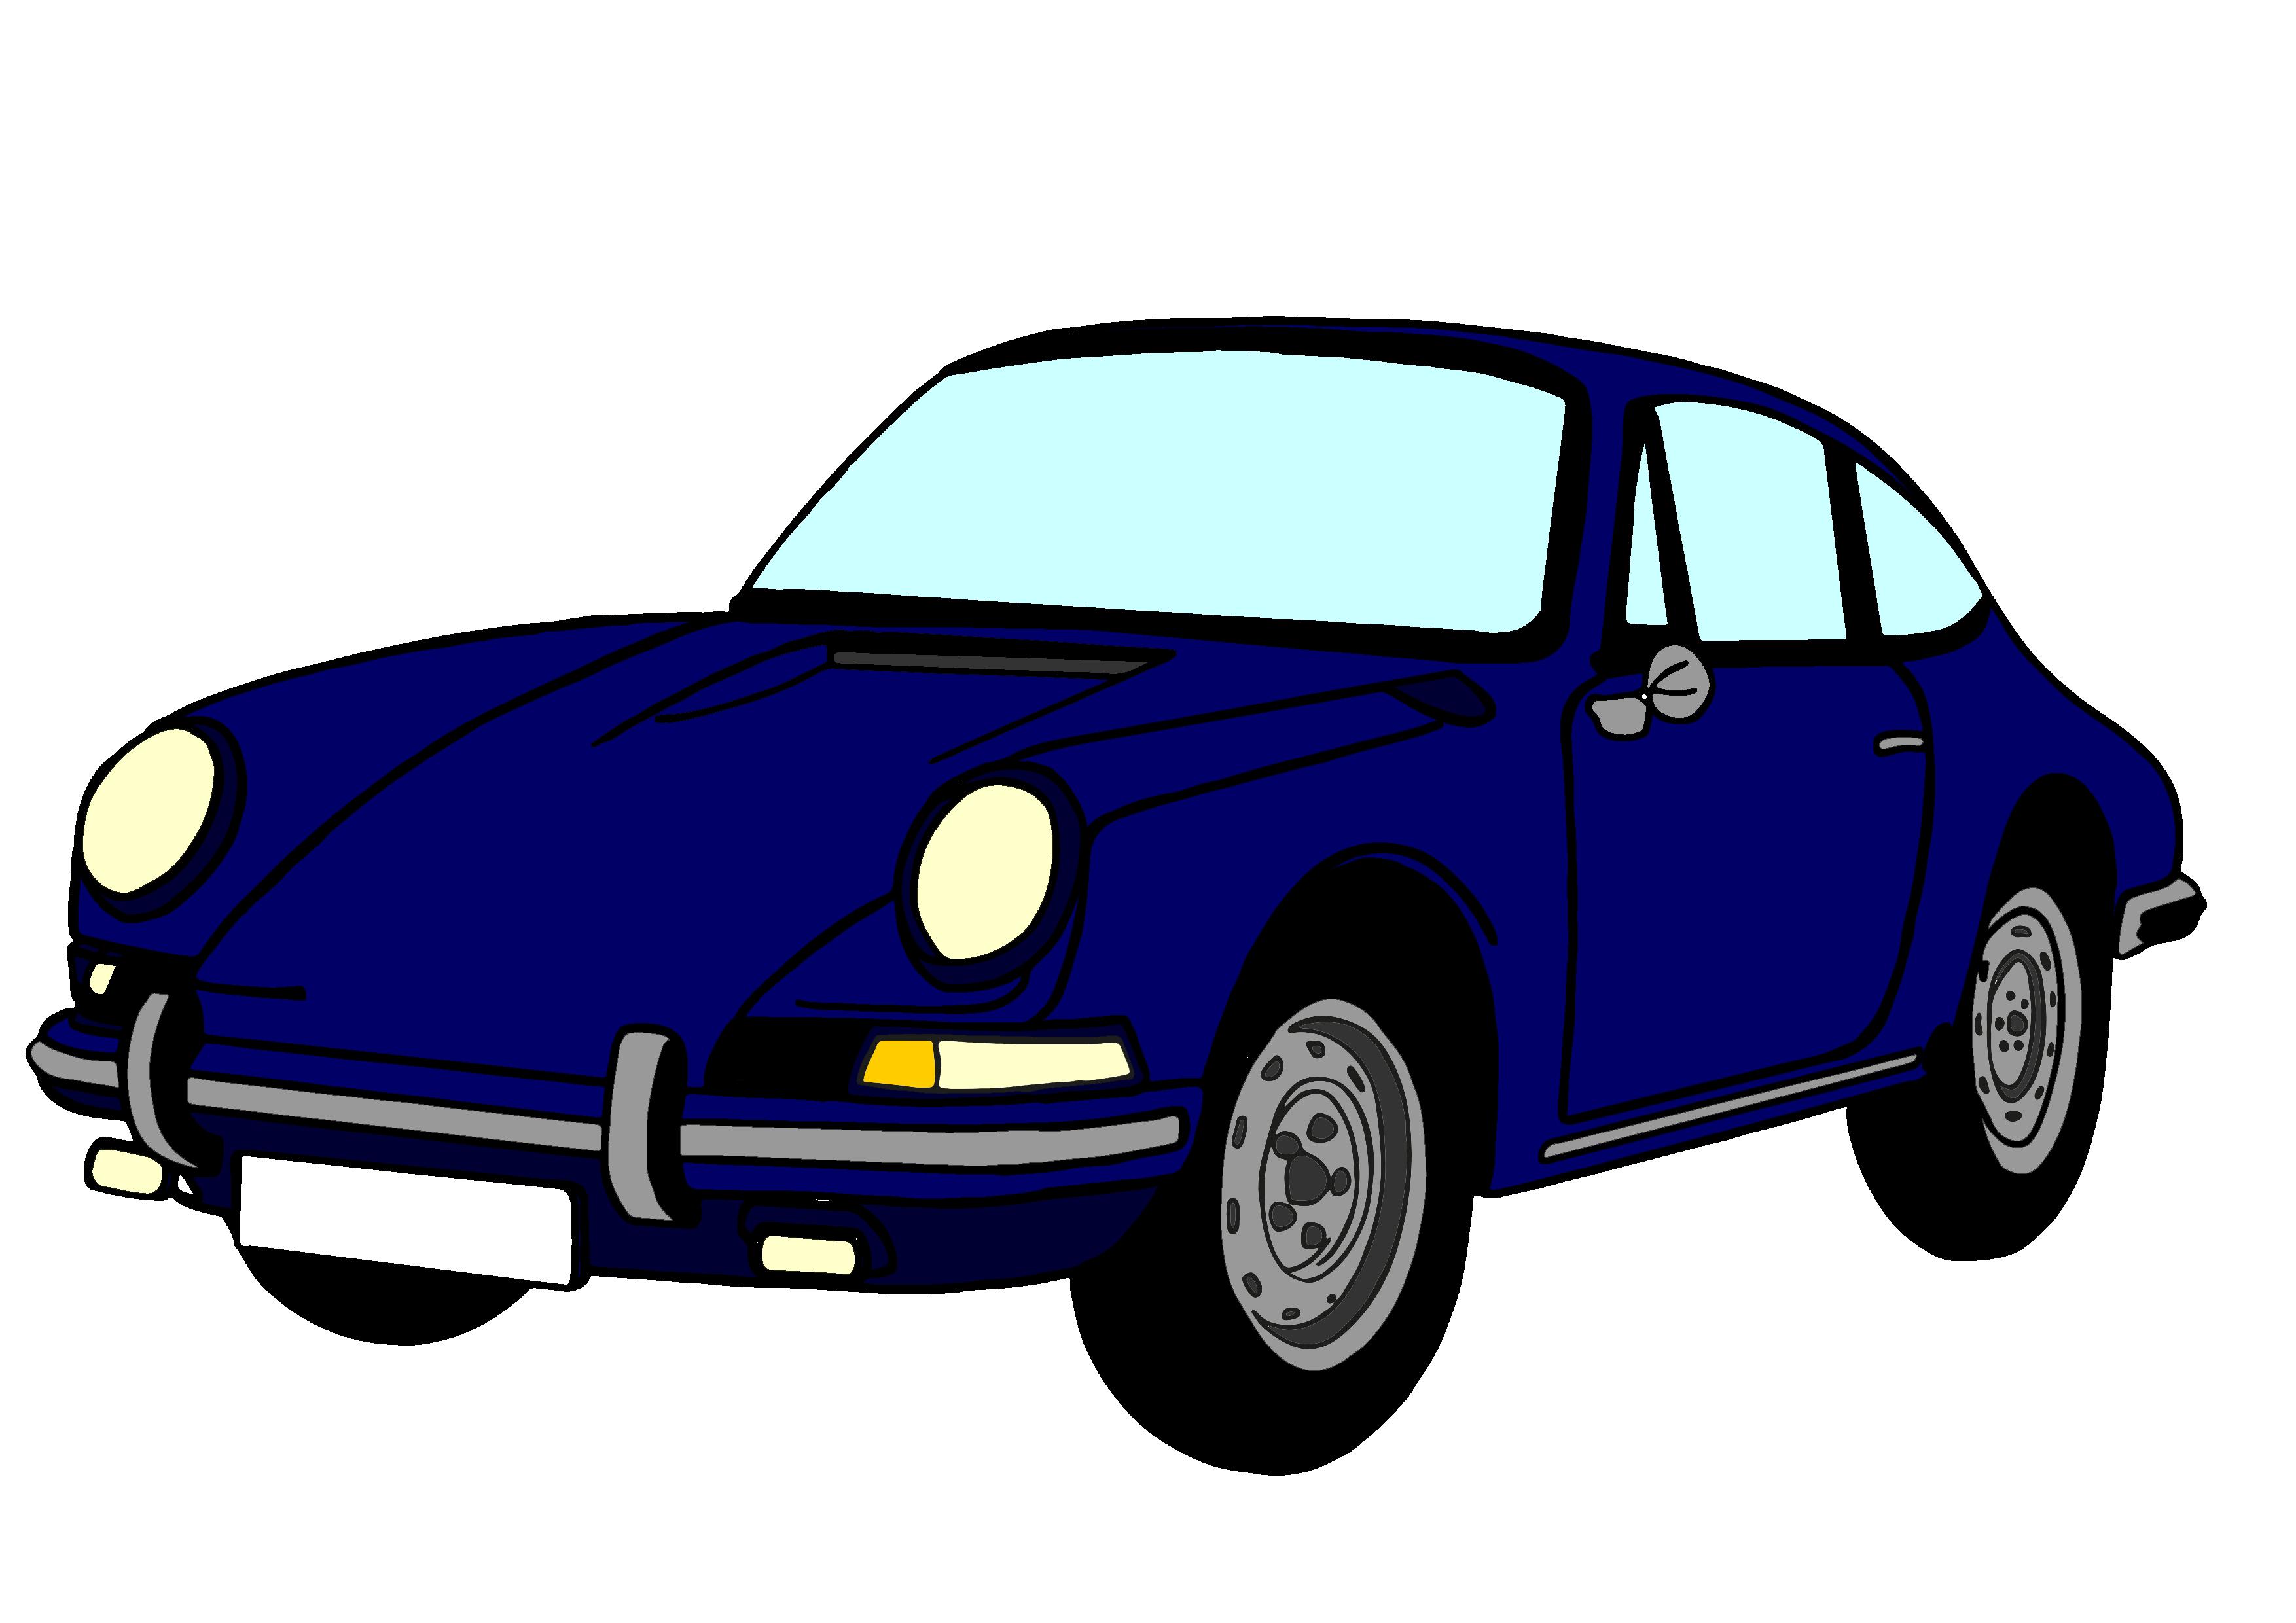 Clipart Fahrzeuge Archive.